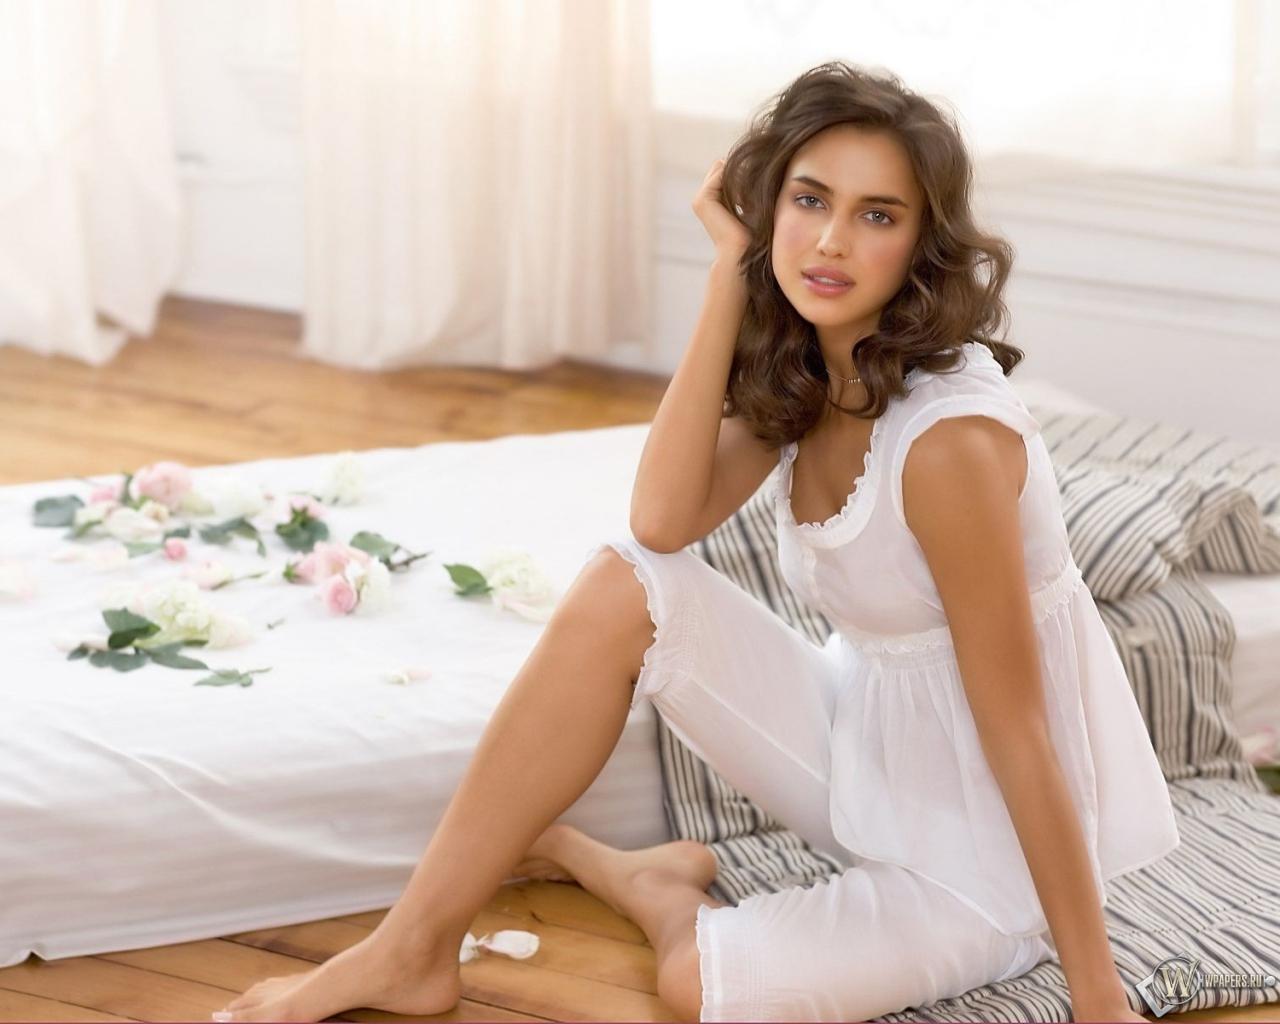 Irina Sheik 1280x1024